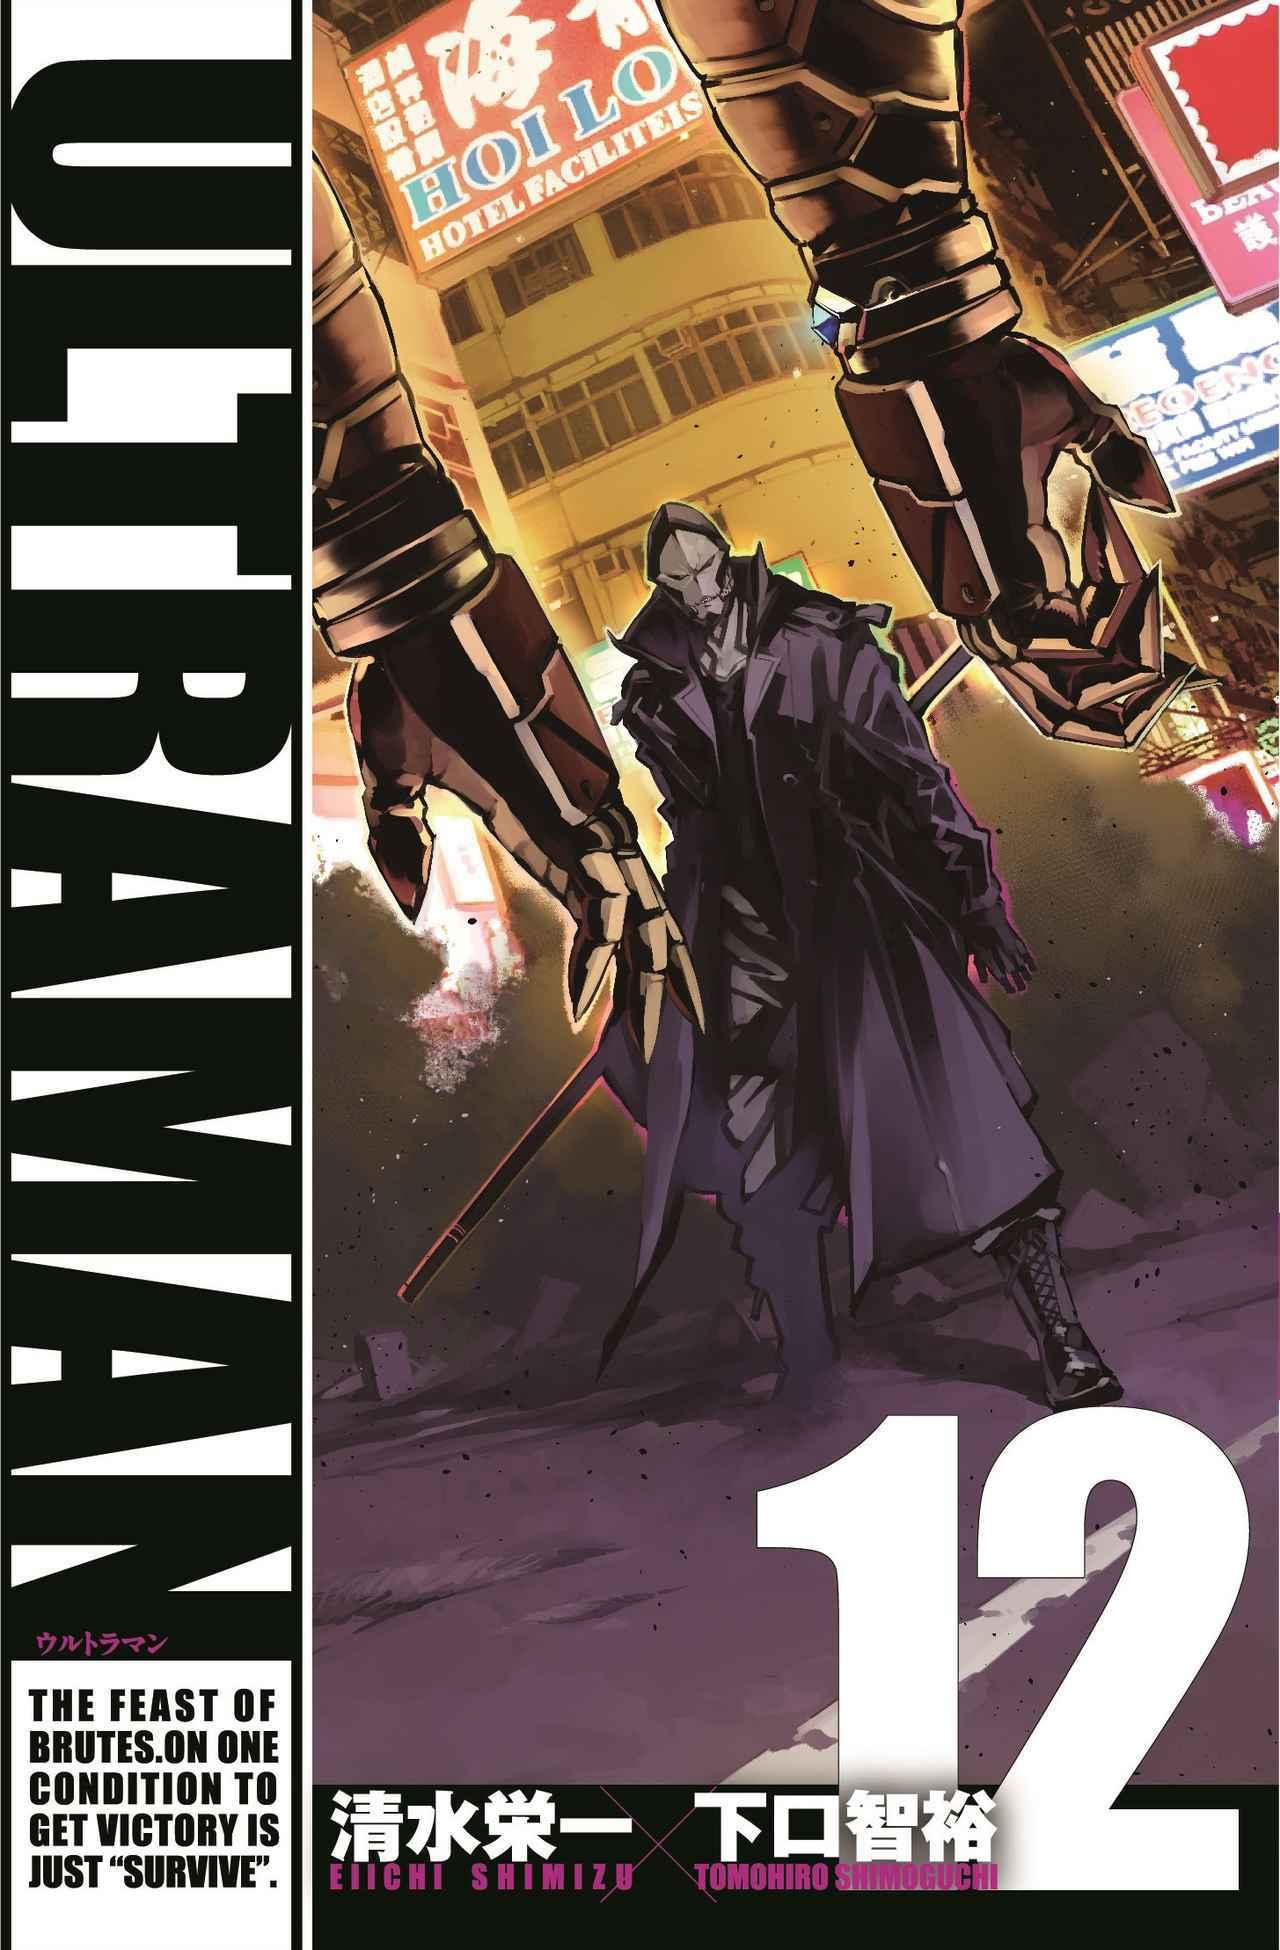 画像: 【コミックス最新 12 巻、7 月 5 日発売!フィギュア付き限定版も同時発売!】